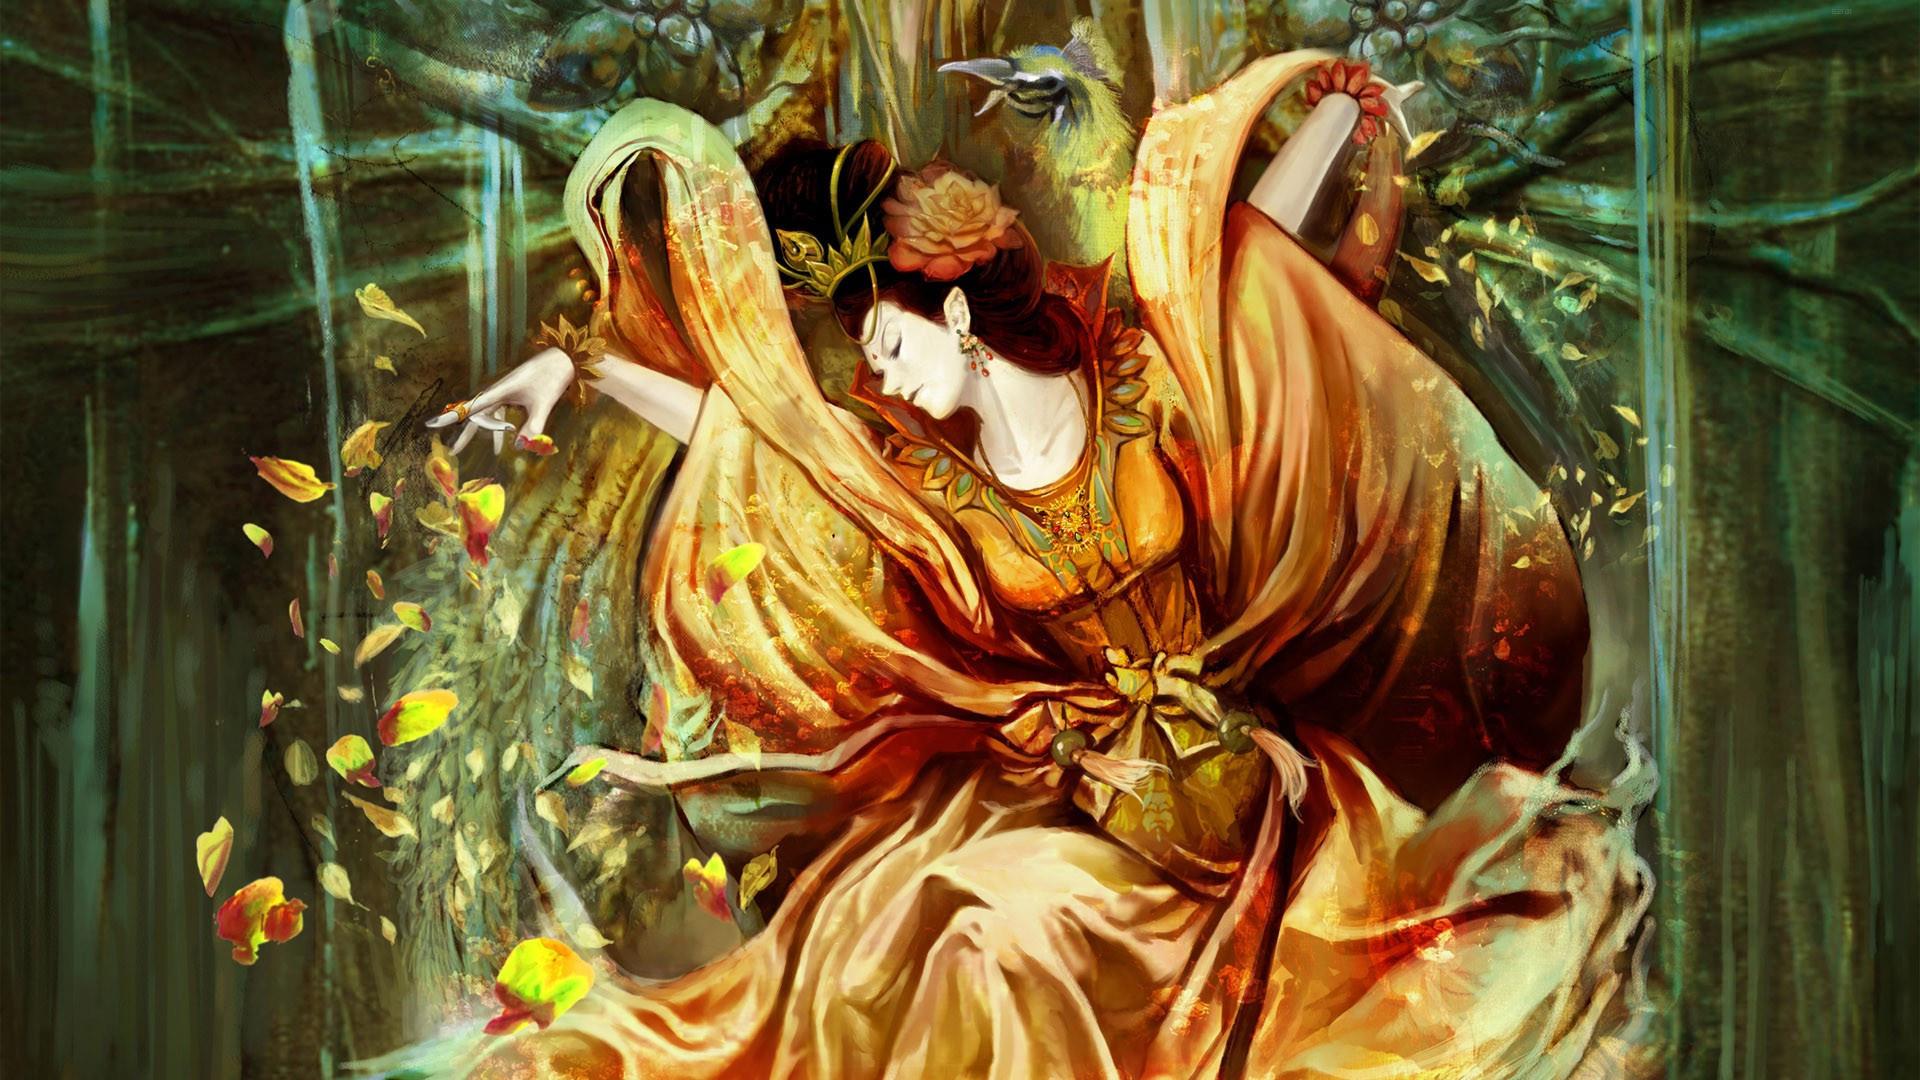 Geisha with rose petals wallpaper 3208 1920x1080